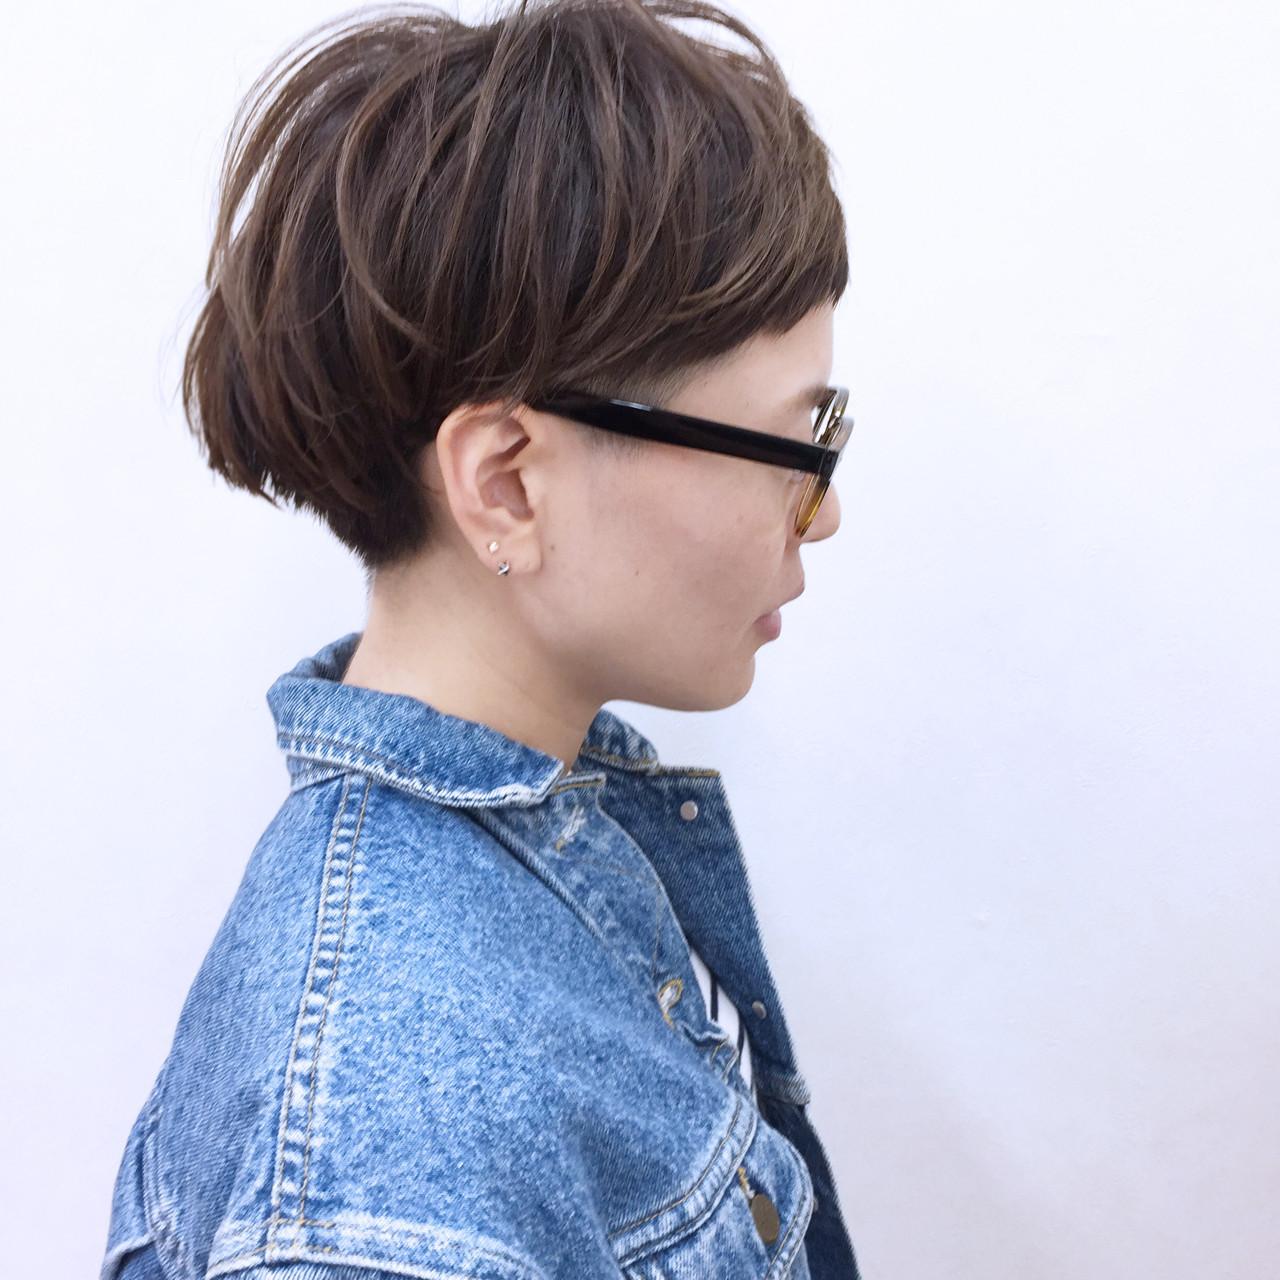 刈り上げ 坊主 ショート 冬 ヘアスタイルや髪型の写真・画像